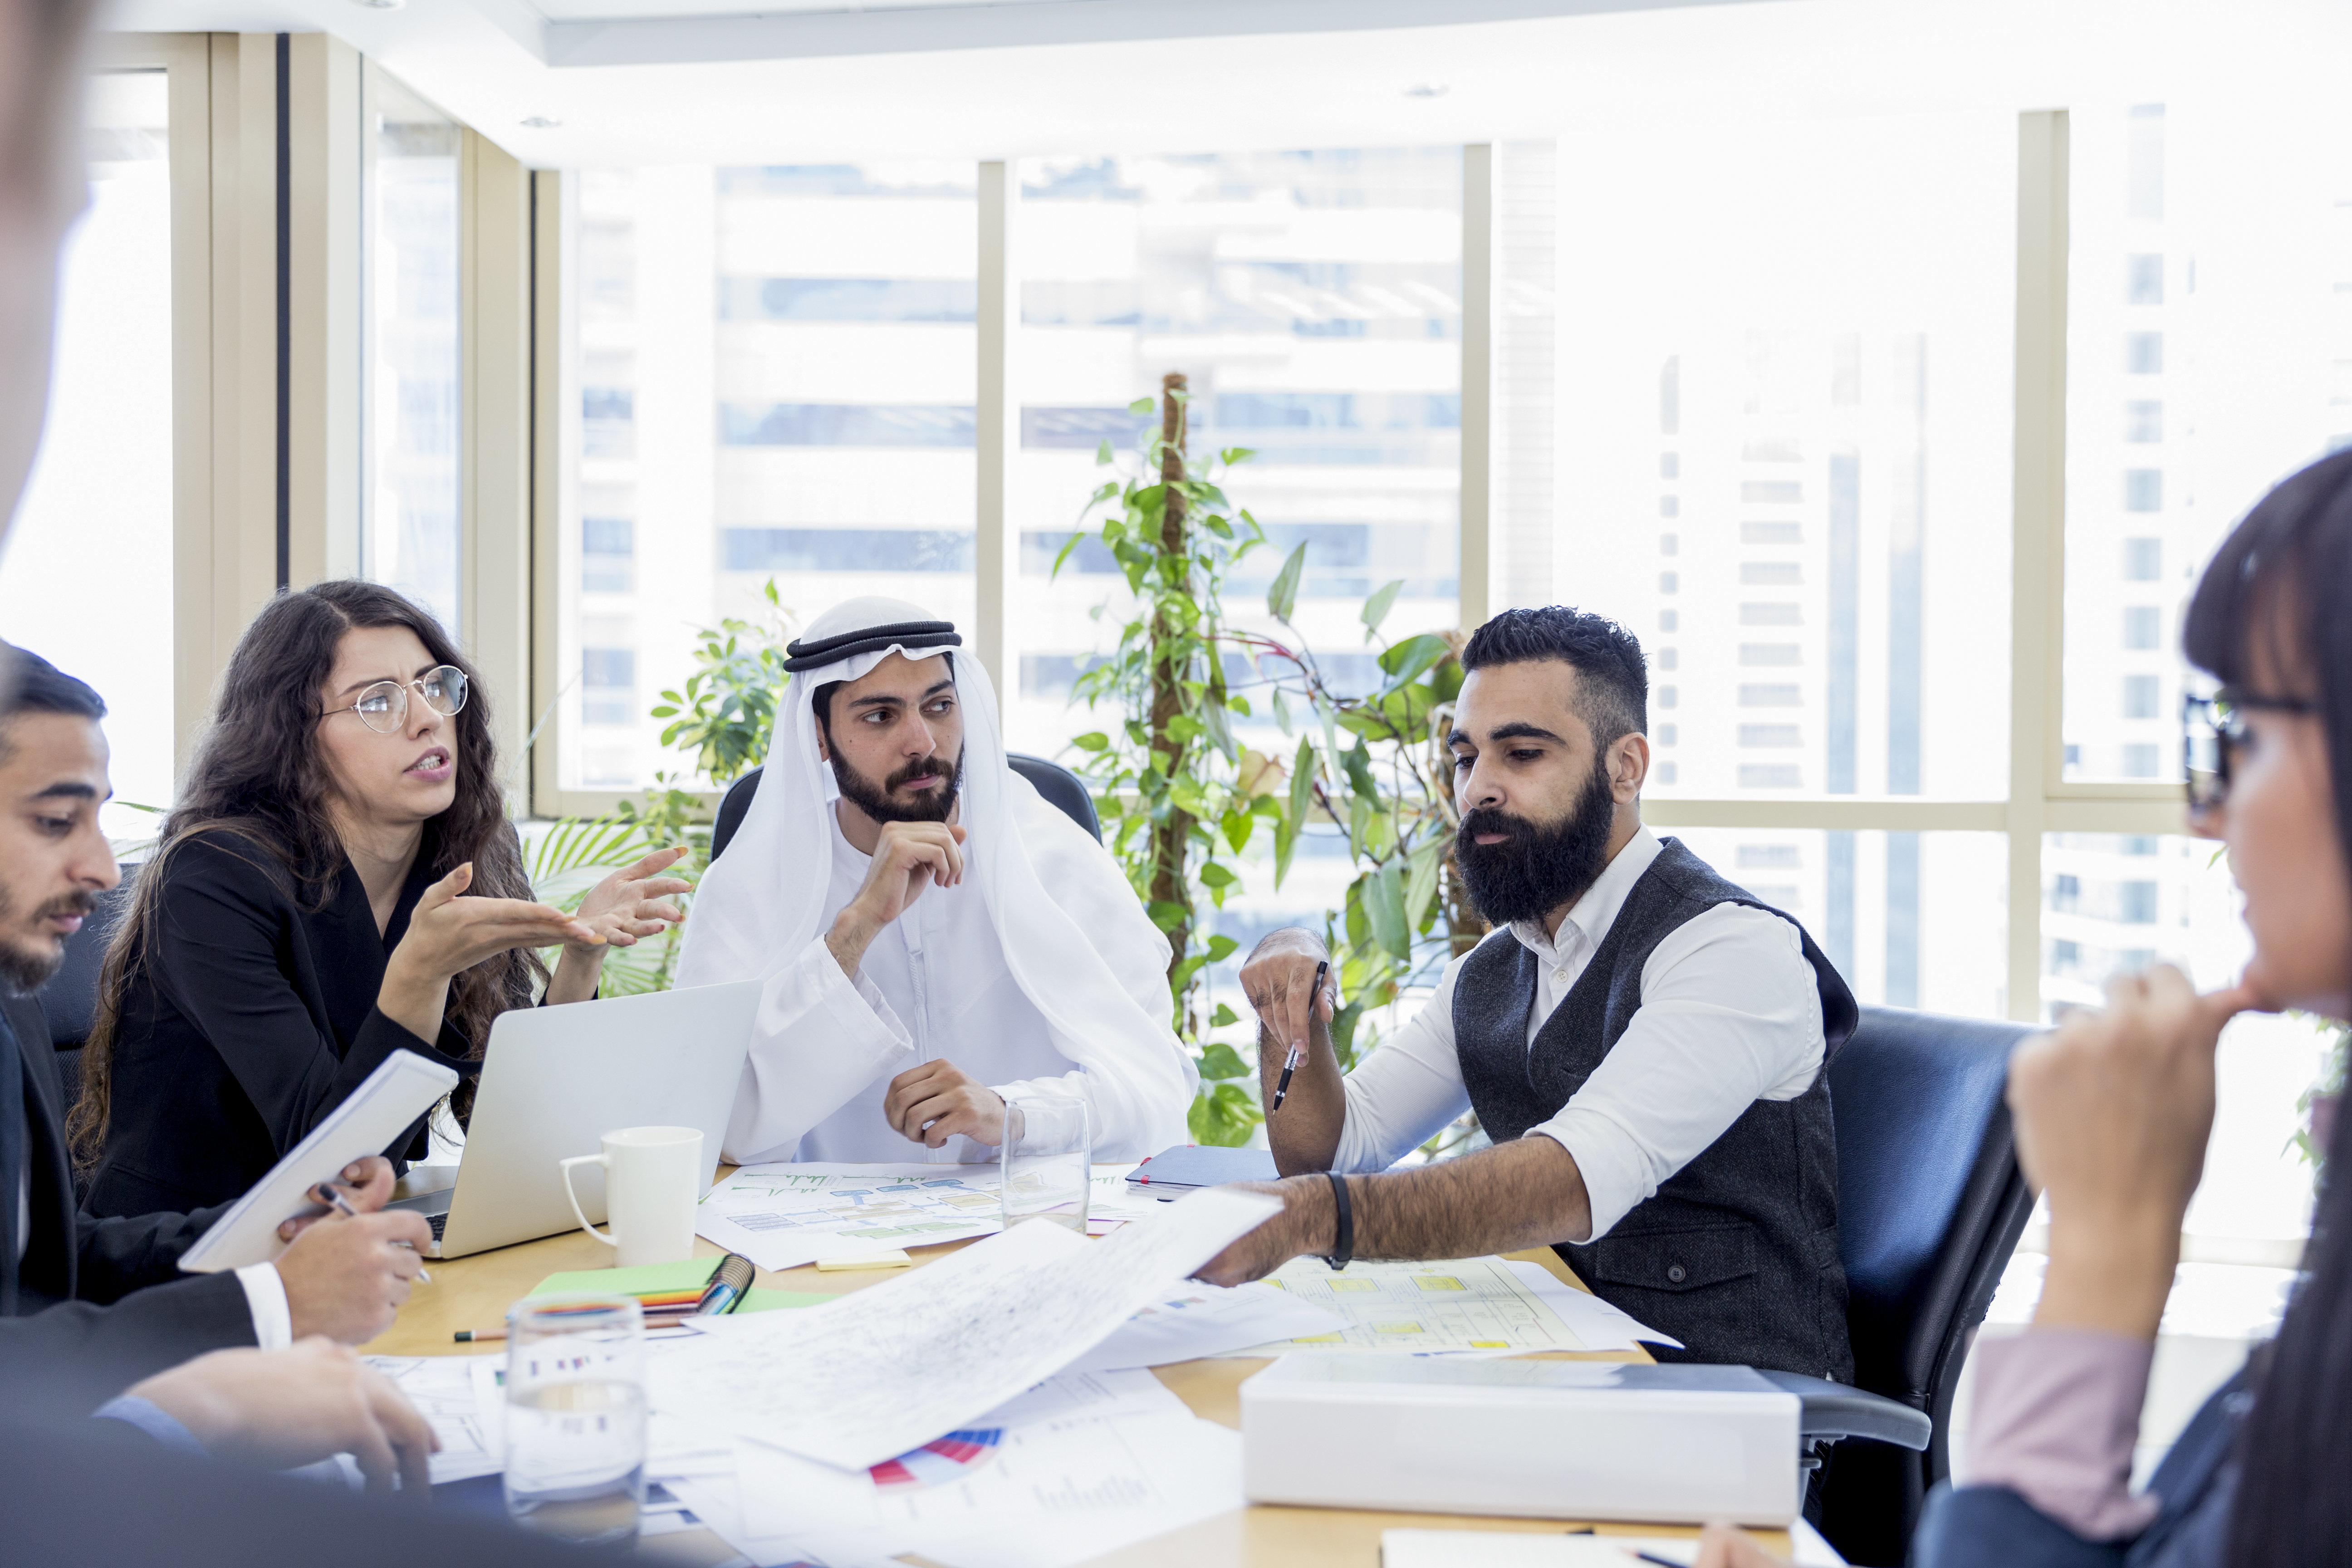 7000 tunisiens seront embauchés par le Qatar en 2018, selon un député